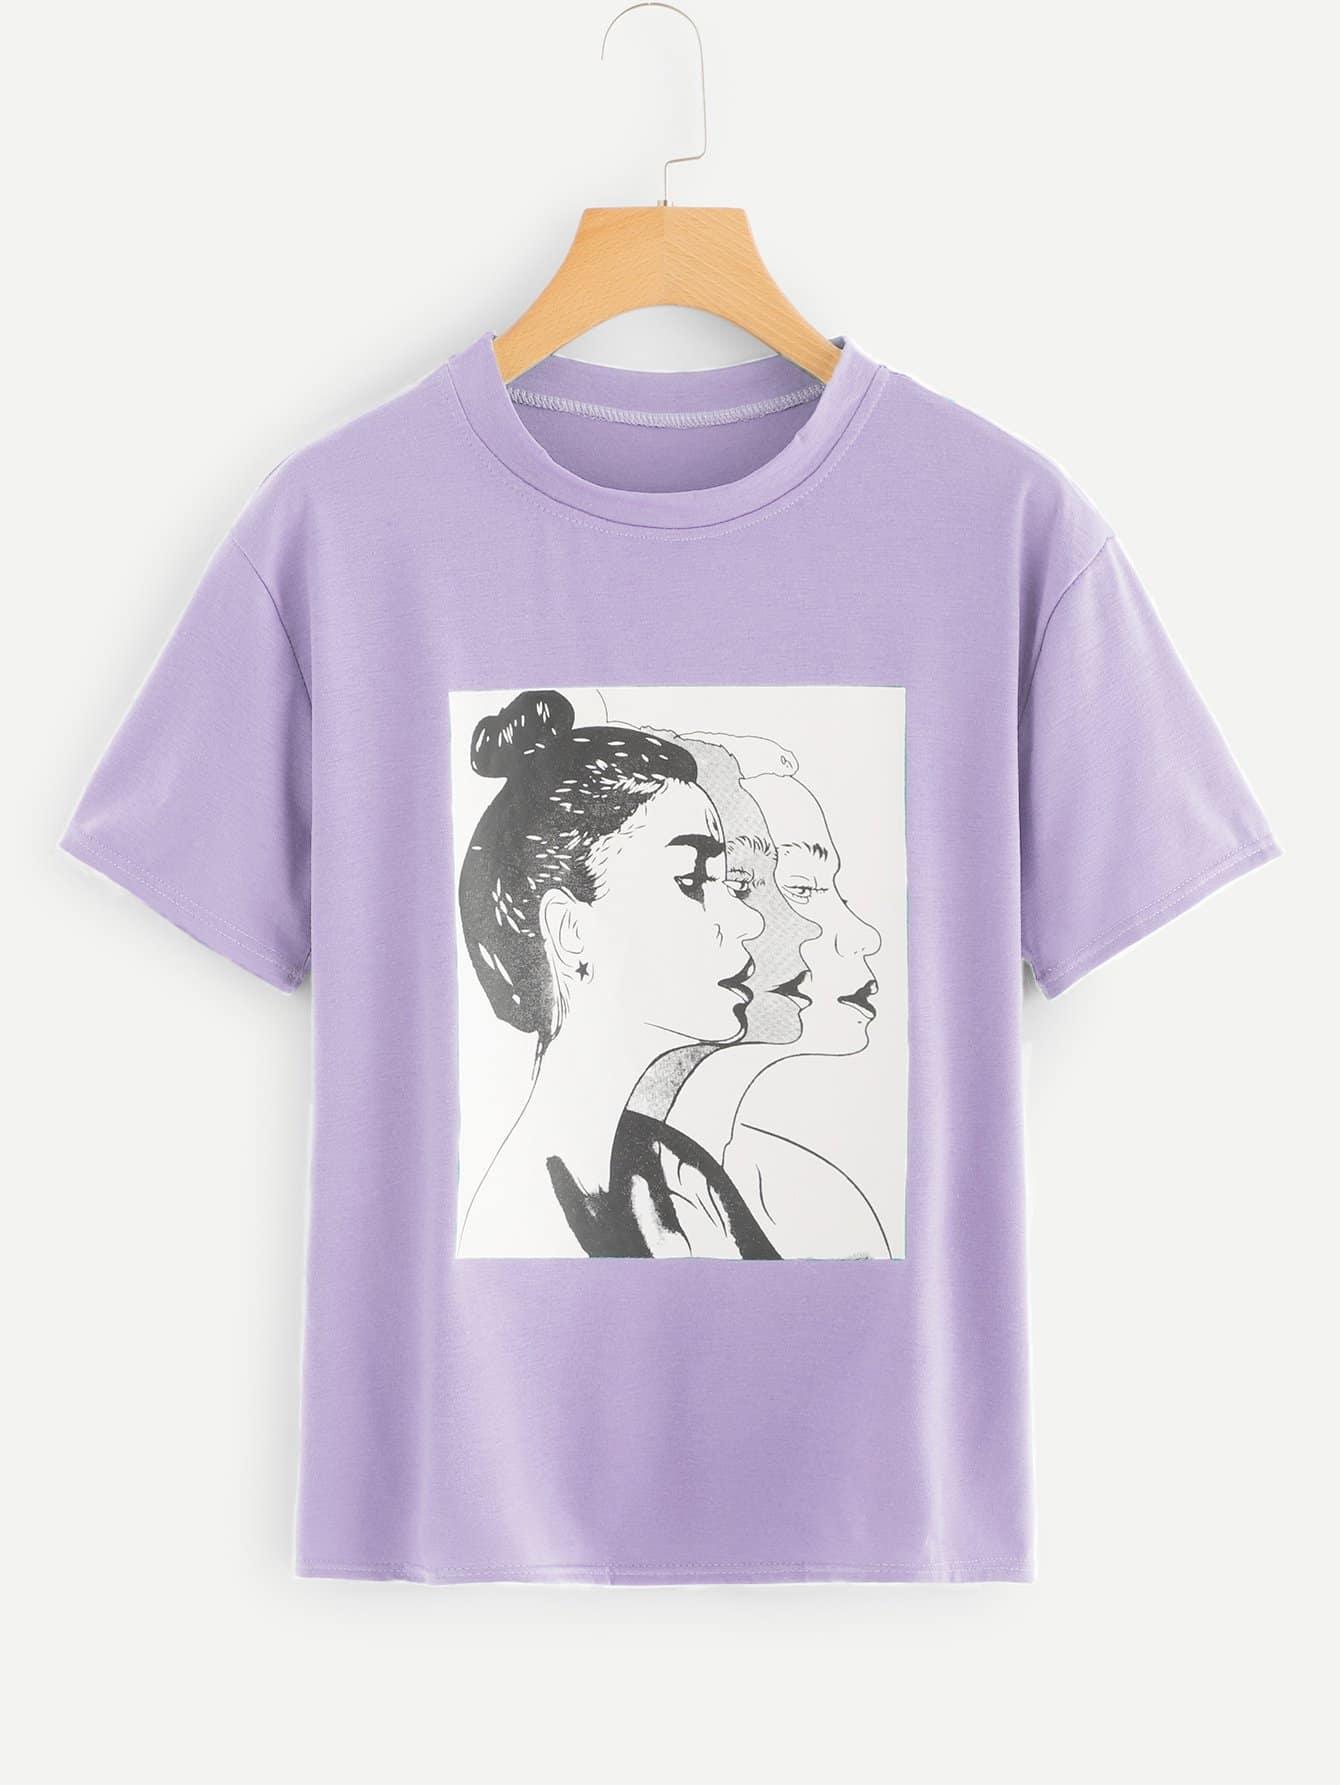 camiseta con estampado de figura - shein espa09a